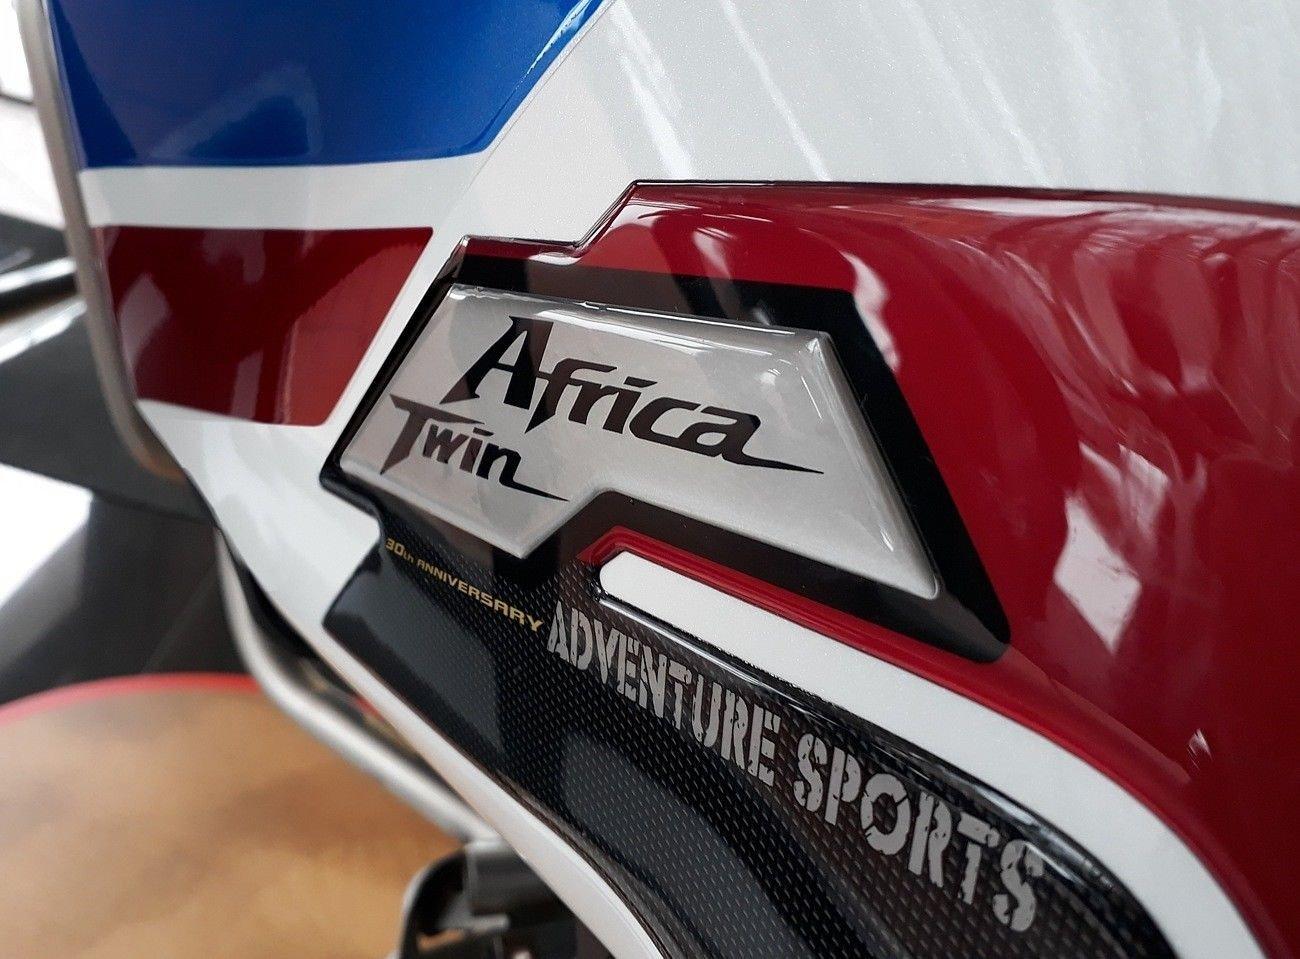 Réservoir De Honda 3 Africa Moto Kit Pour Compatible Adhésifs 3d lFc1KJ